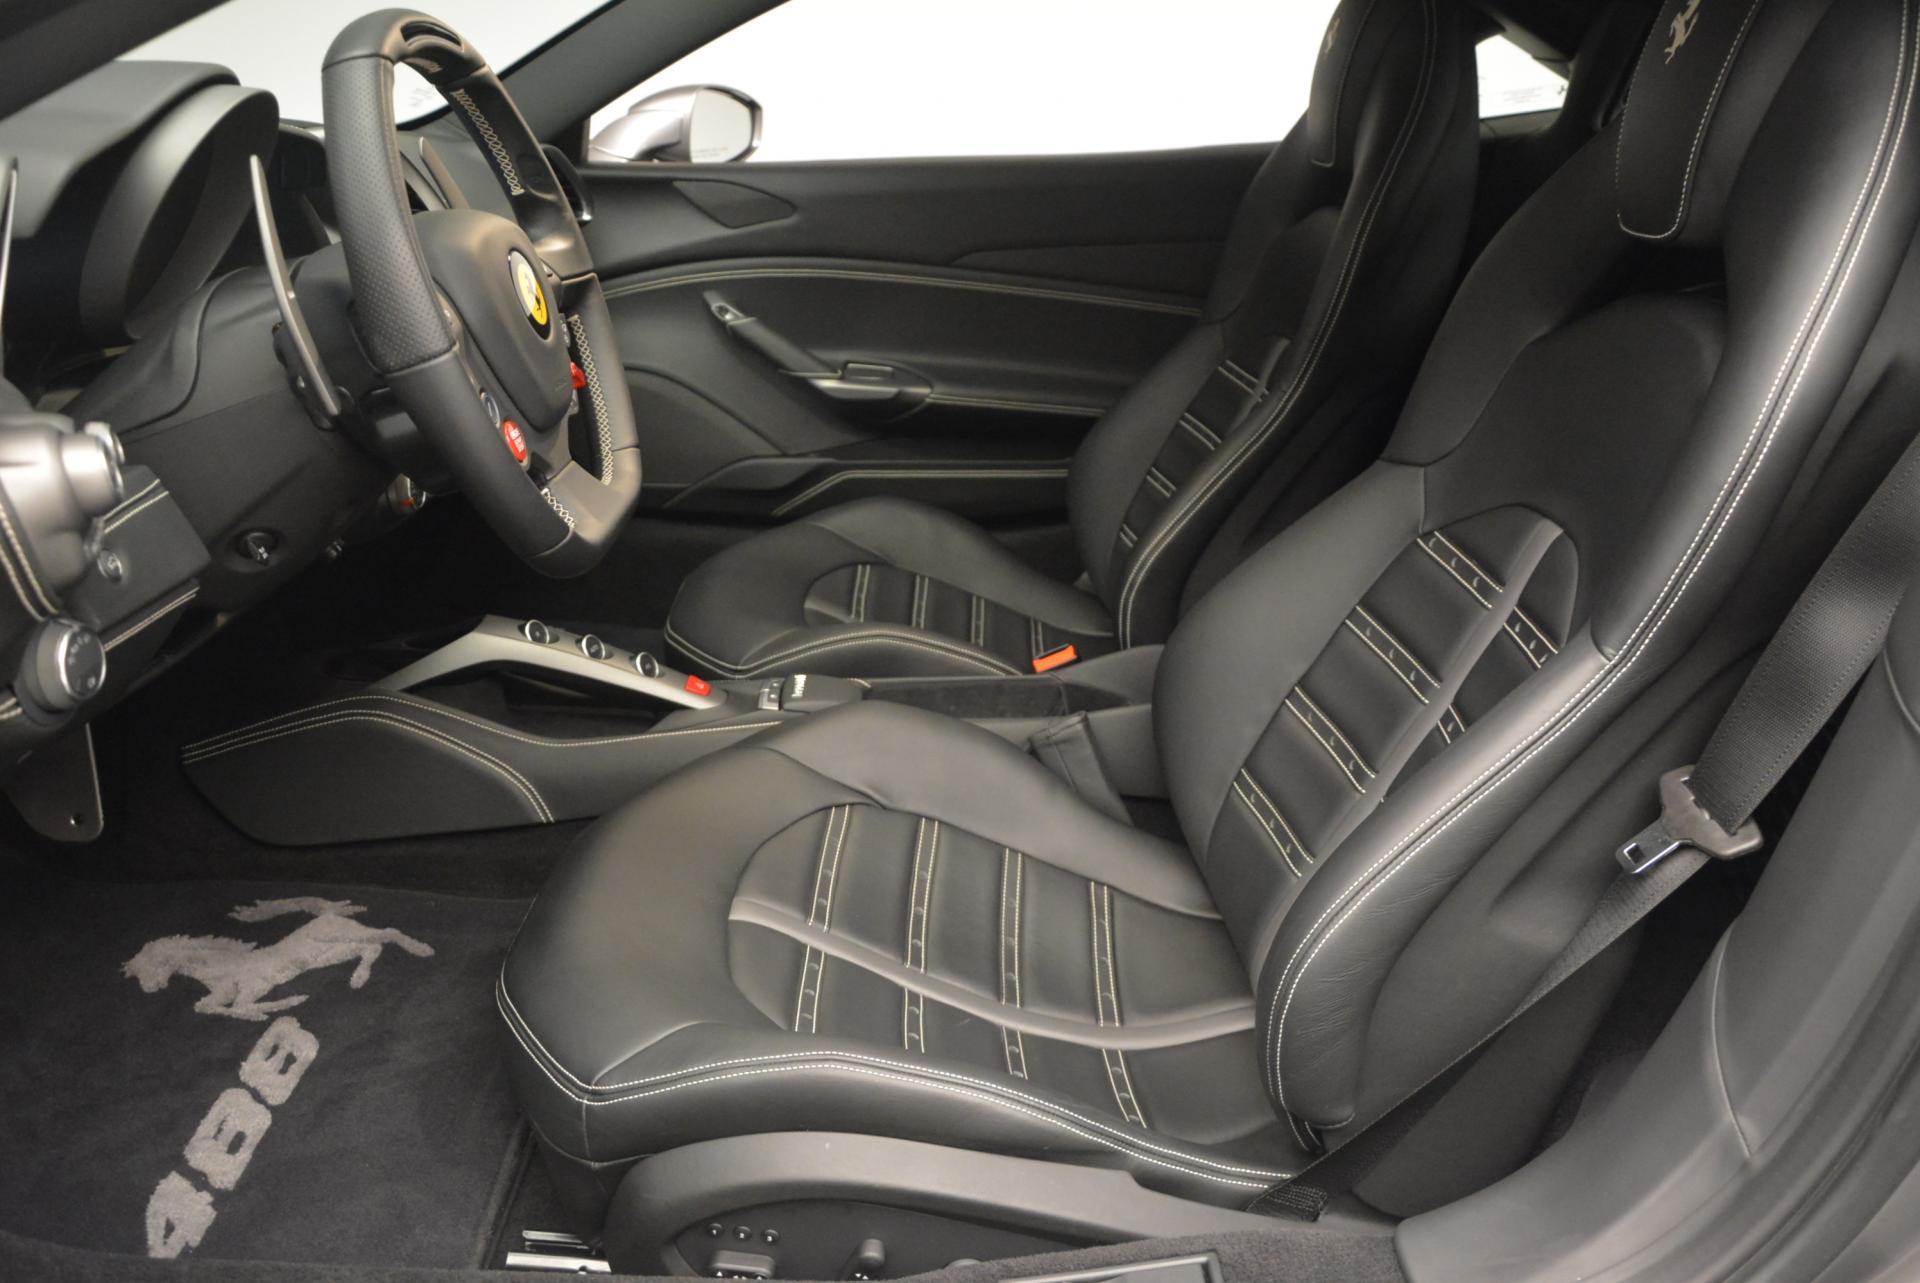 Used 2016 Ferrari 488 GTB  For Sale In Greenwich, CT. Alfa Romeo of Greenwich, 4314 142_p14